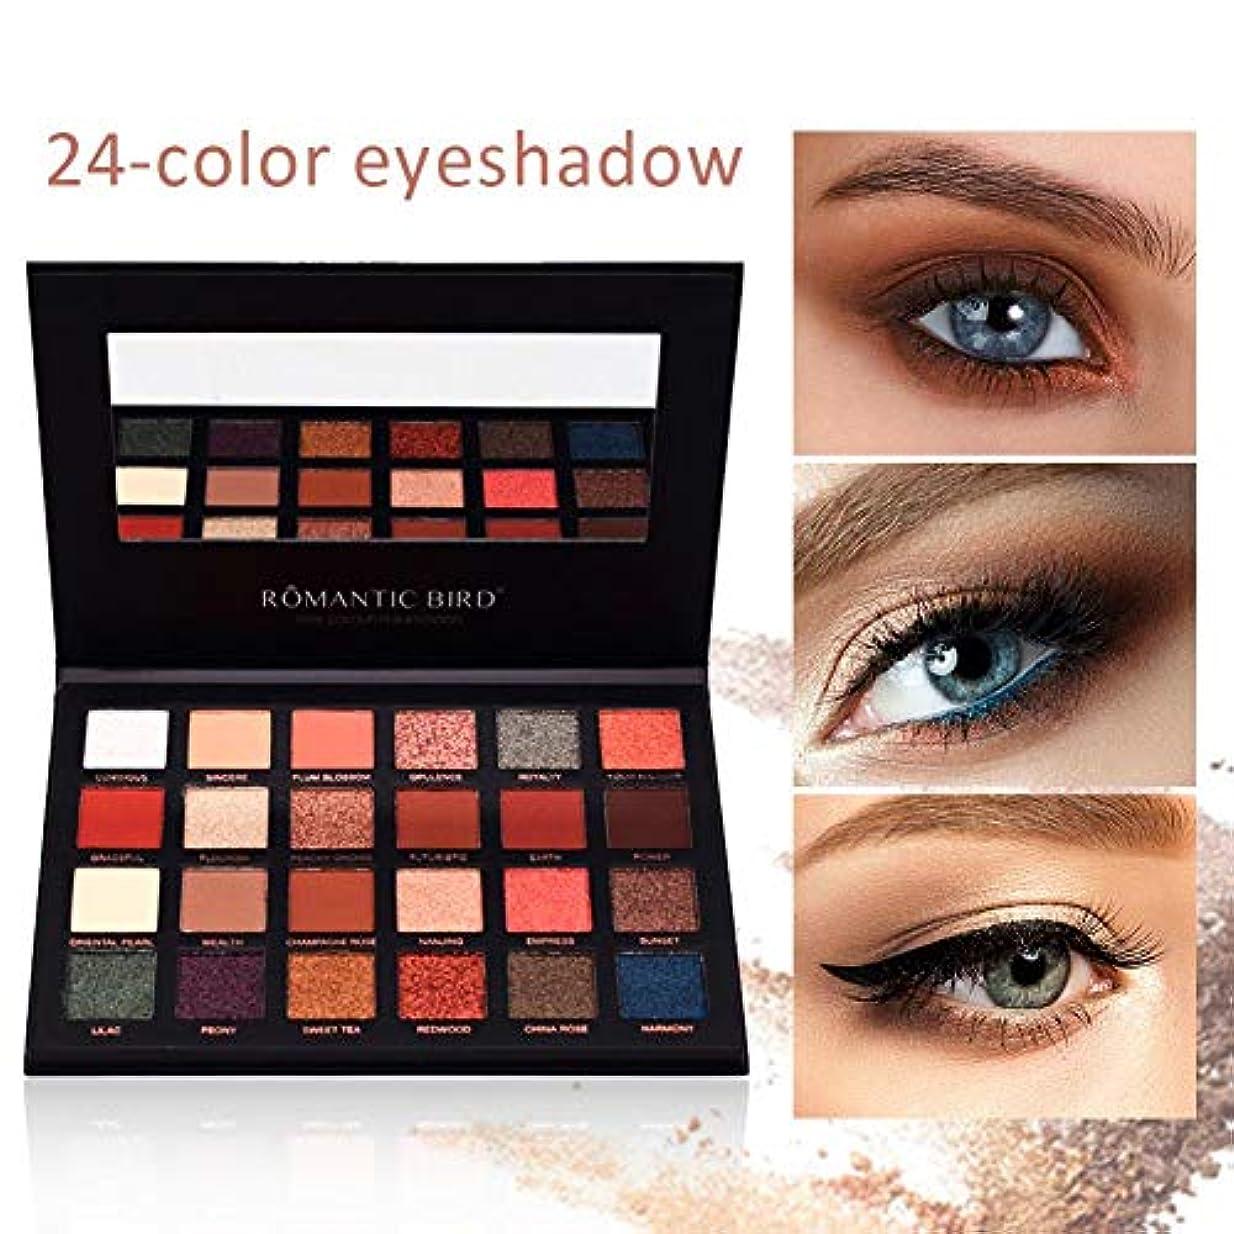 追う違反するアスペクト24色アイシャドウパレット アイシャドウベース Eyeshadow Palette マットアイシャドウ グリッター アイシャドウ防水化粧キット